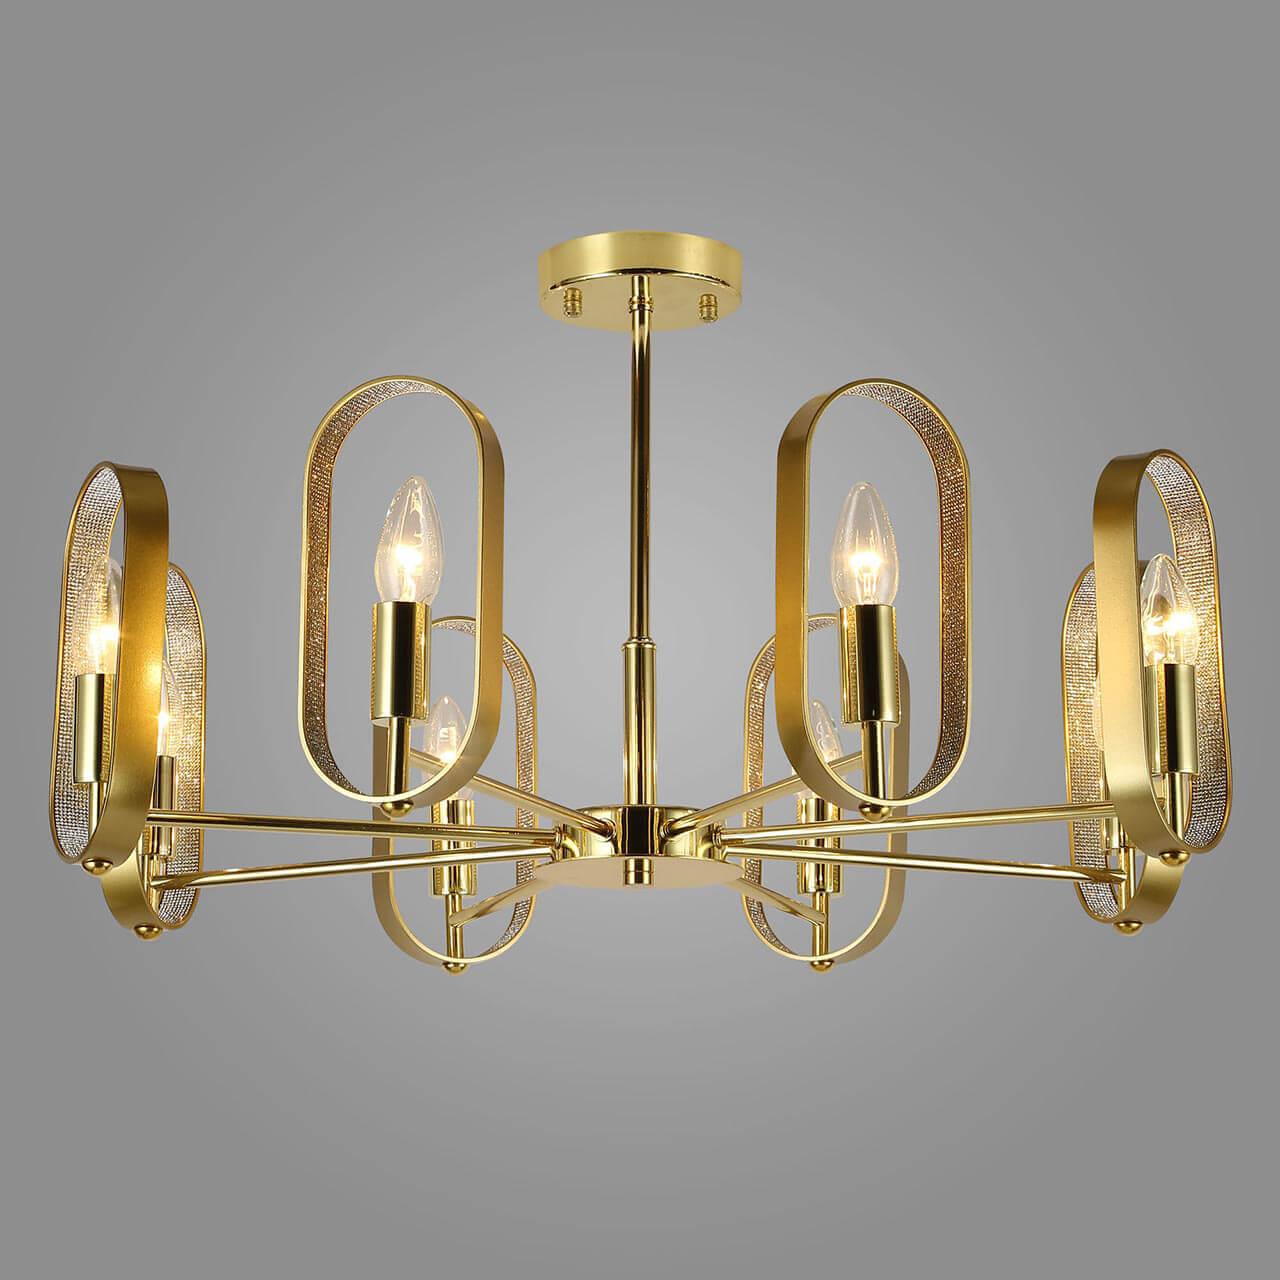 Люстра Eurosvet 60077/8 золото Maglia